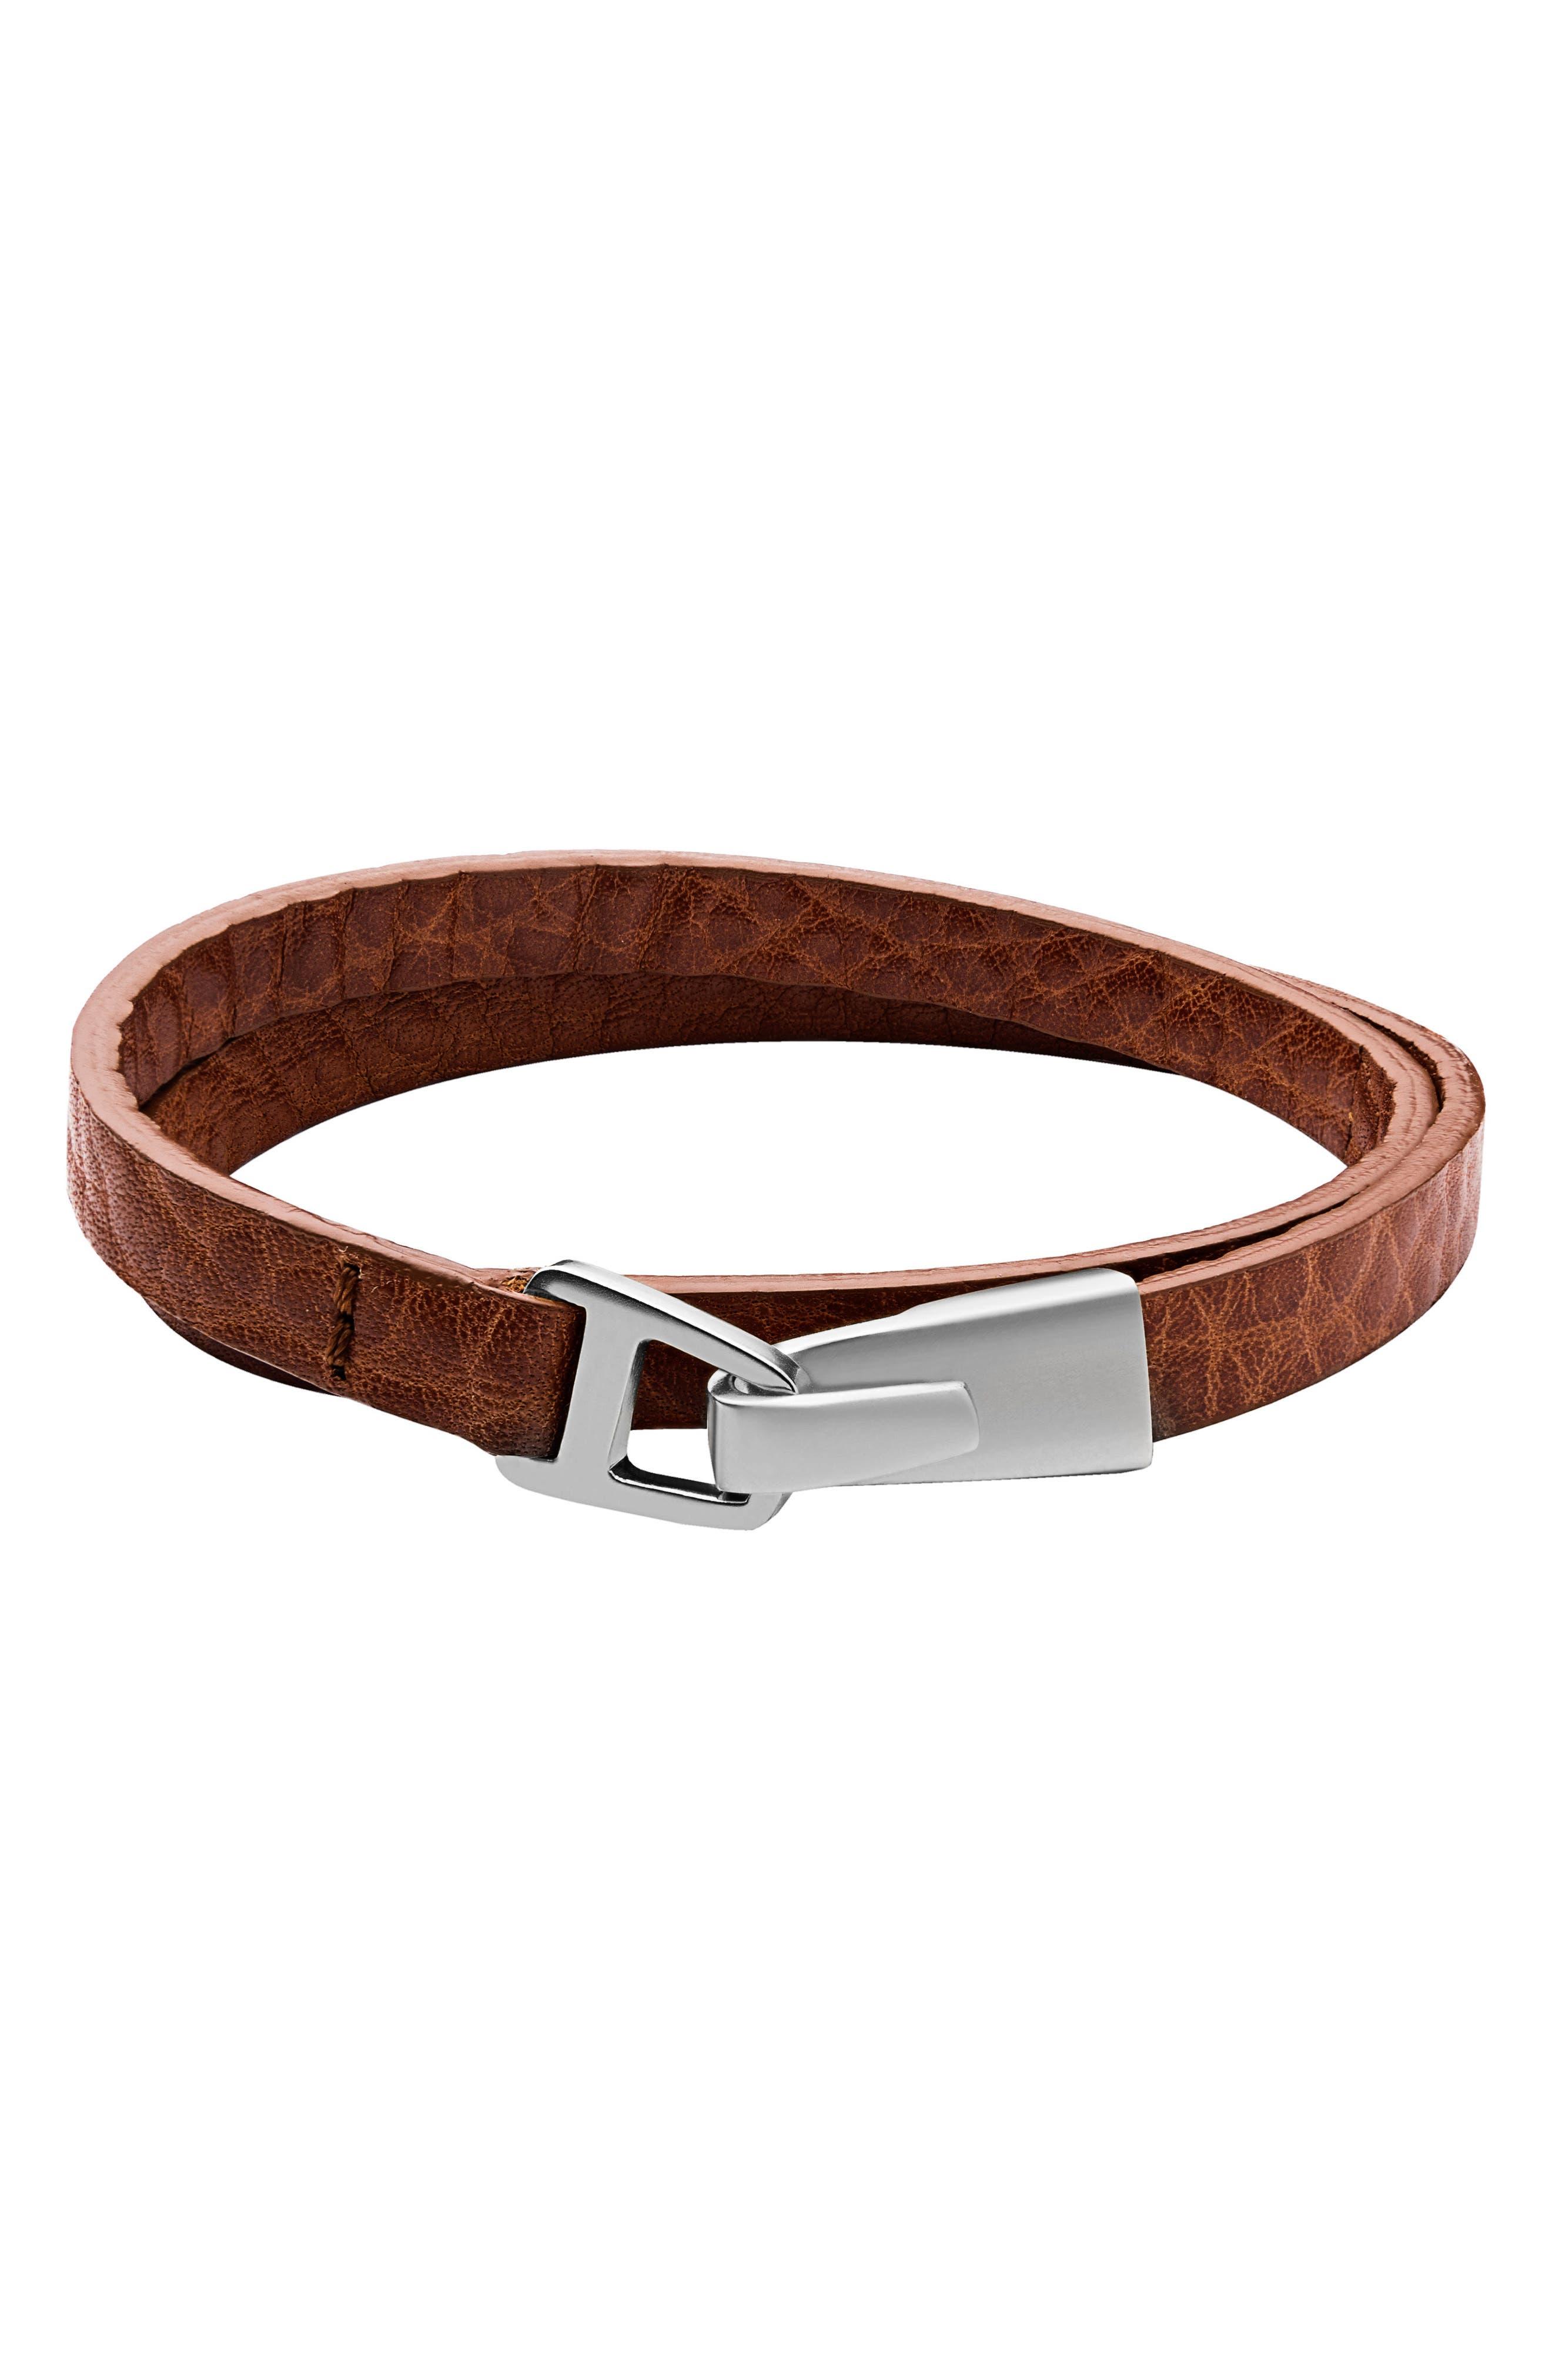 Moore Leather Wrap Bracelet,                             Main thumbnail 1, color,                             241